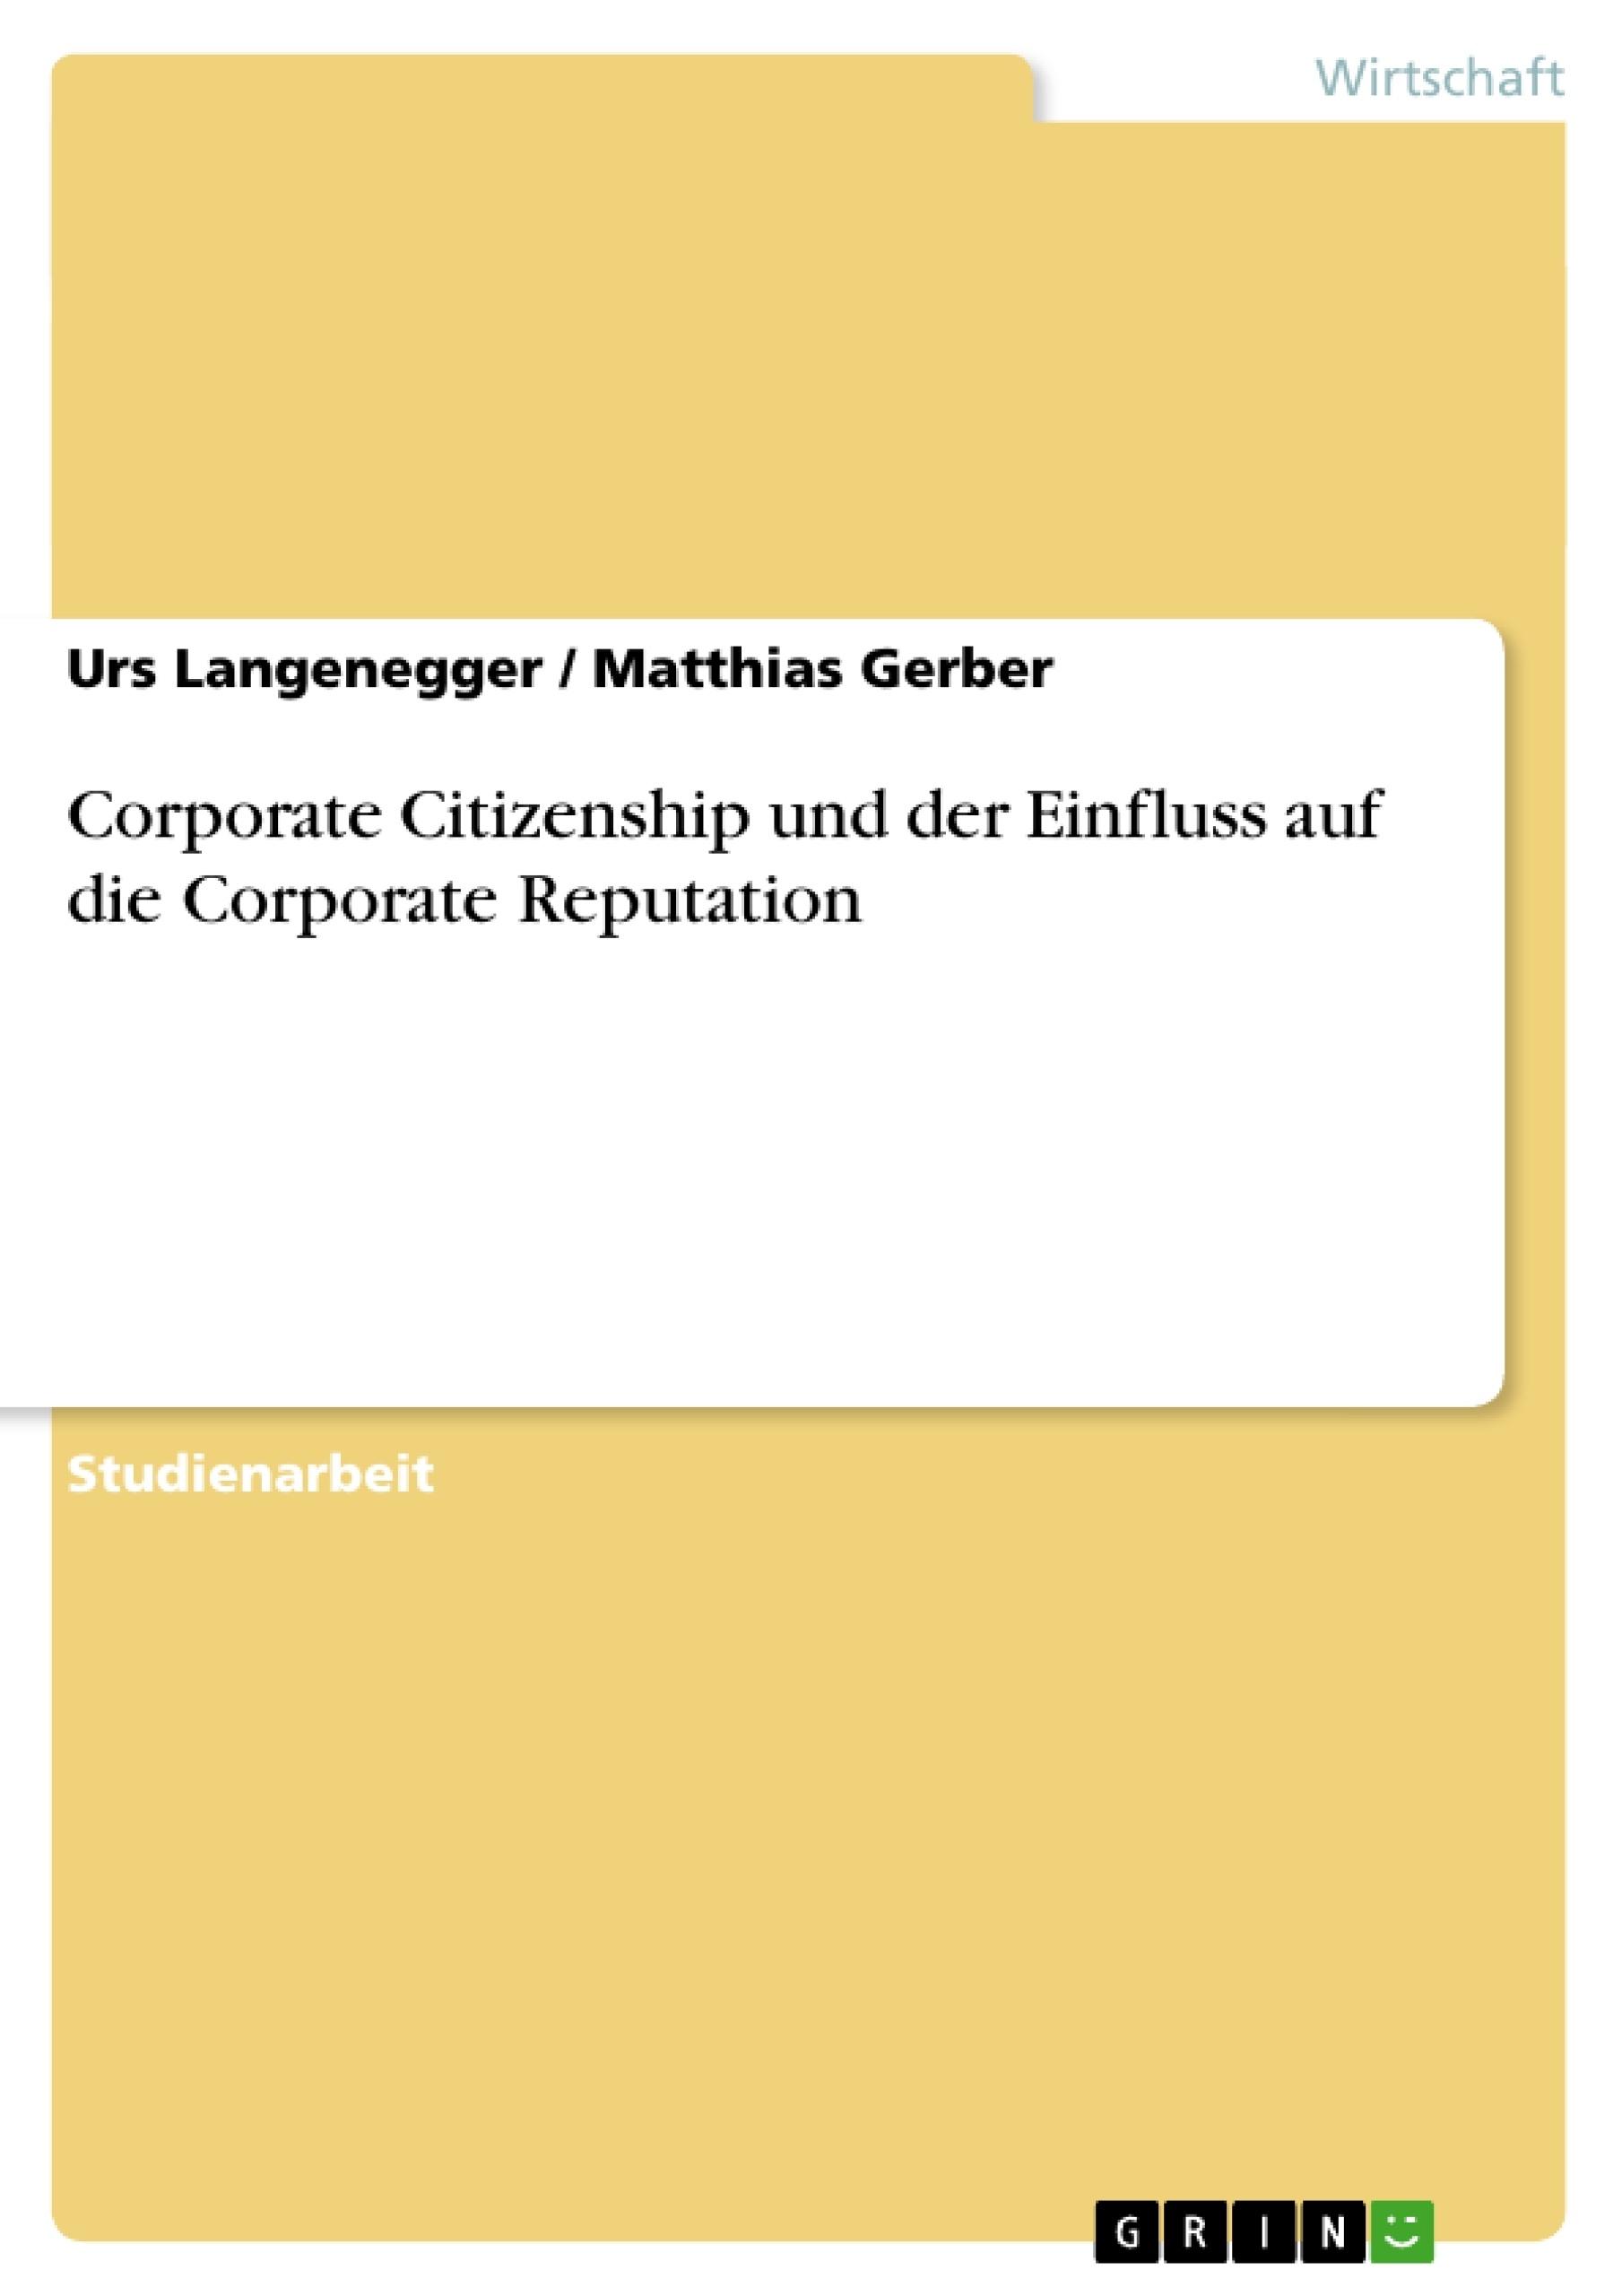 Titel: Corporate Citizenship und der Einfluss auf die Corporate Reputation